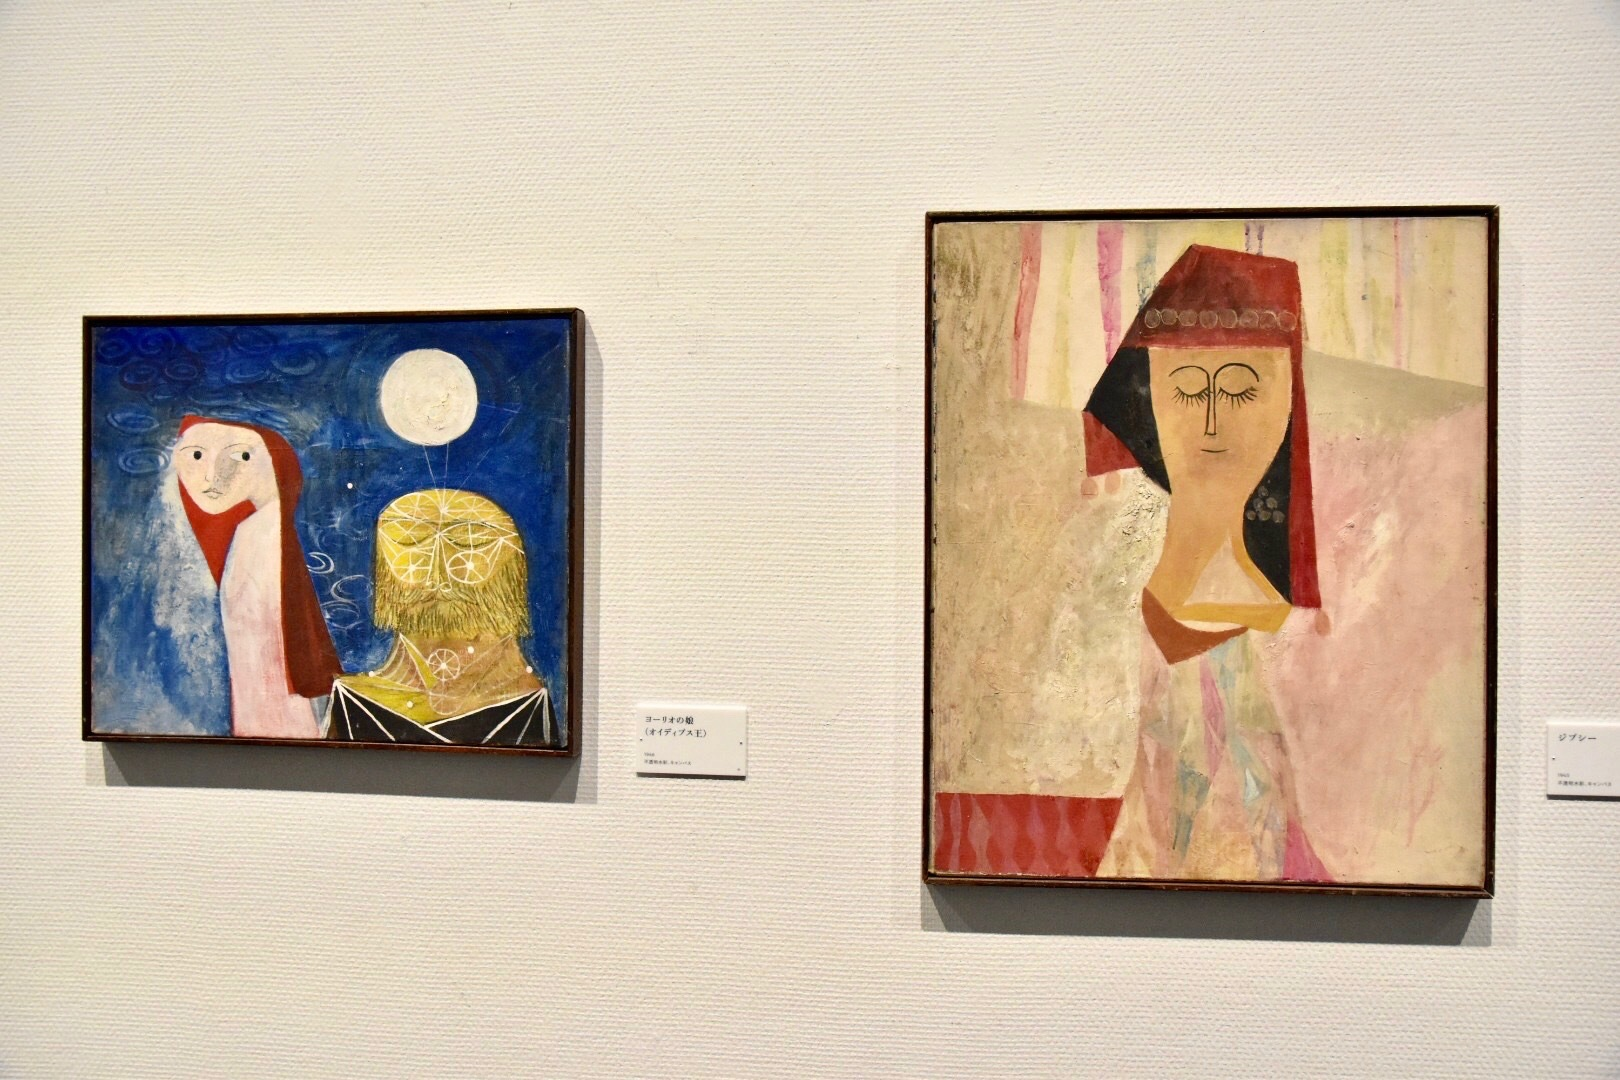 右:《ジプシー》 1945年 アニー・レオーニ氏所蔵 左:《ヨーリオの娘(オイディプス王)》 1946年 アニー・レオーニ氏所蔵